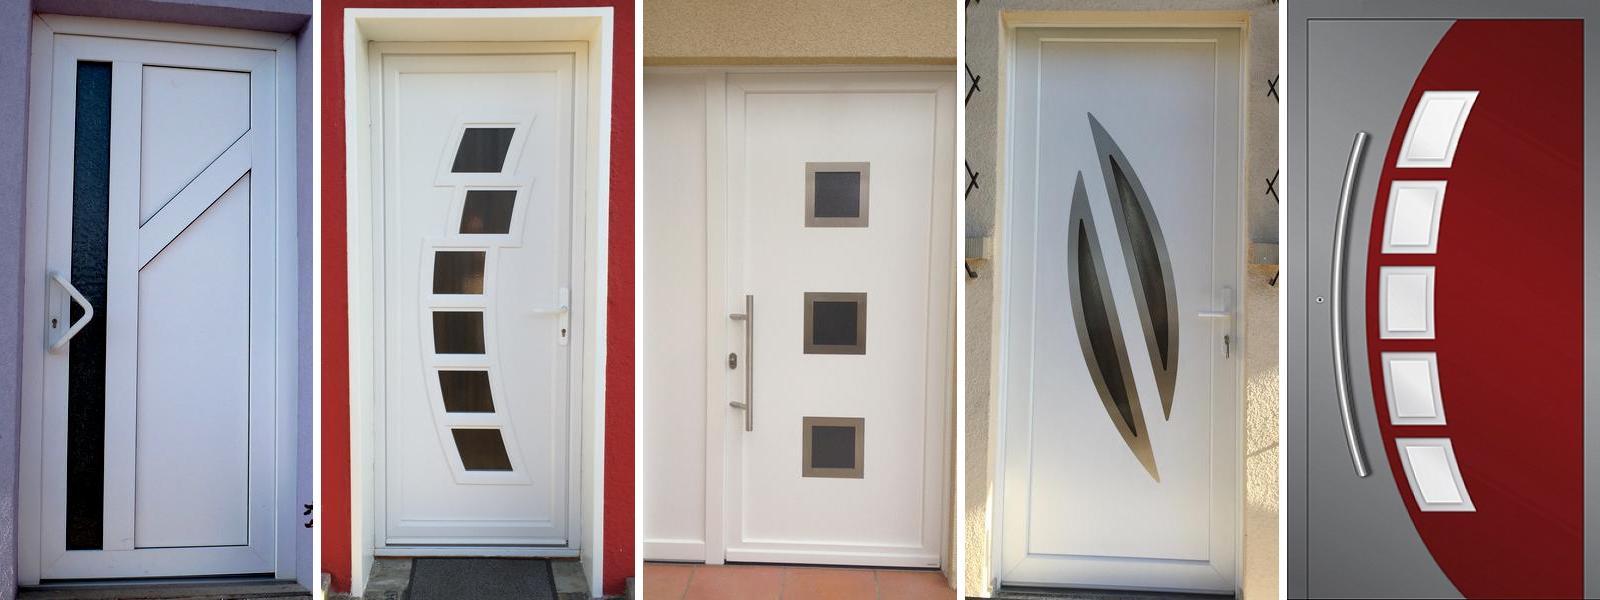 conseptfen portes extérieures pvc et aluminium